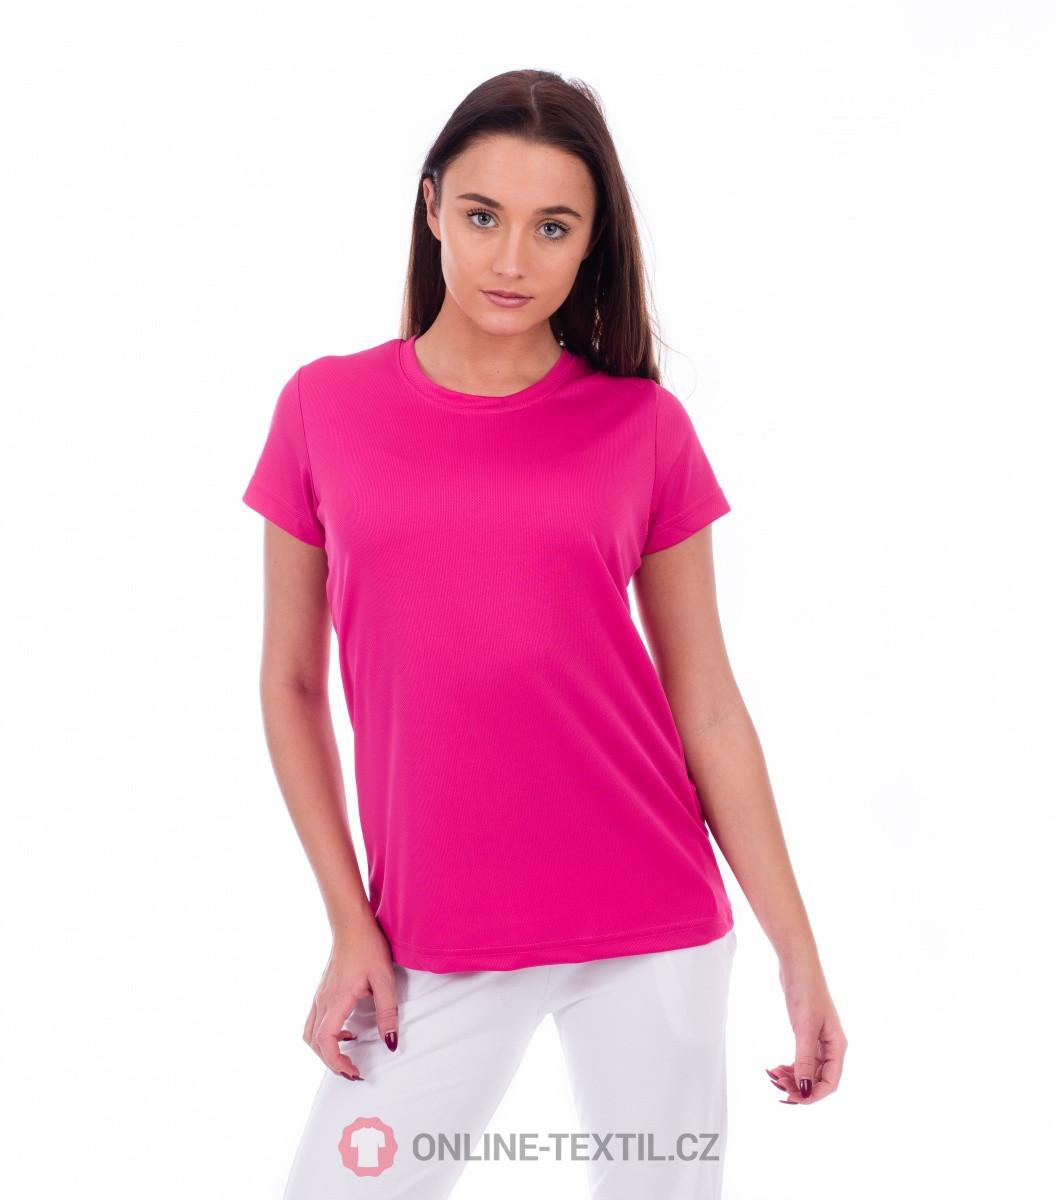 ADLER CZECH Dámské sportovní tričko Fantasy 140 - purpurová z ... 2ee7e60b0d